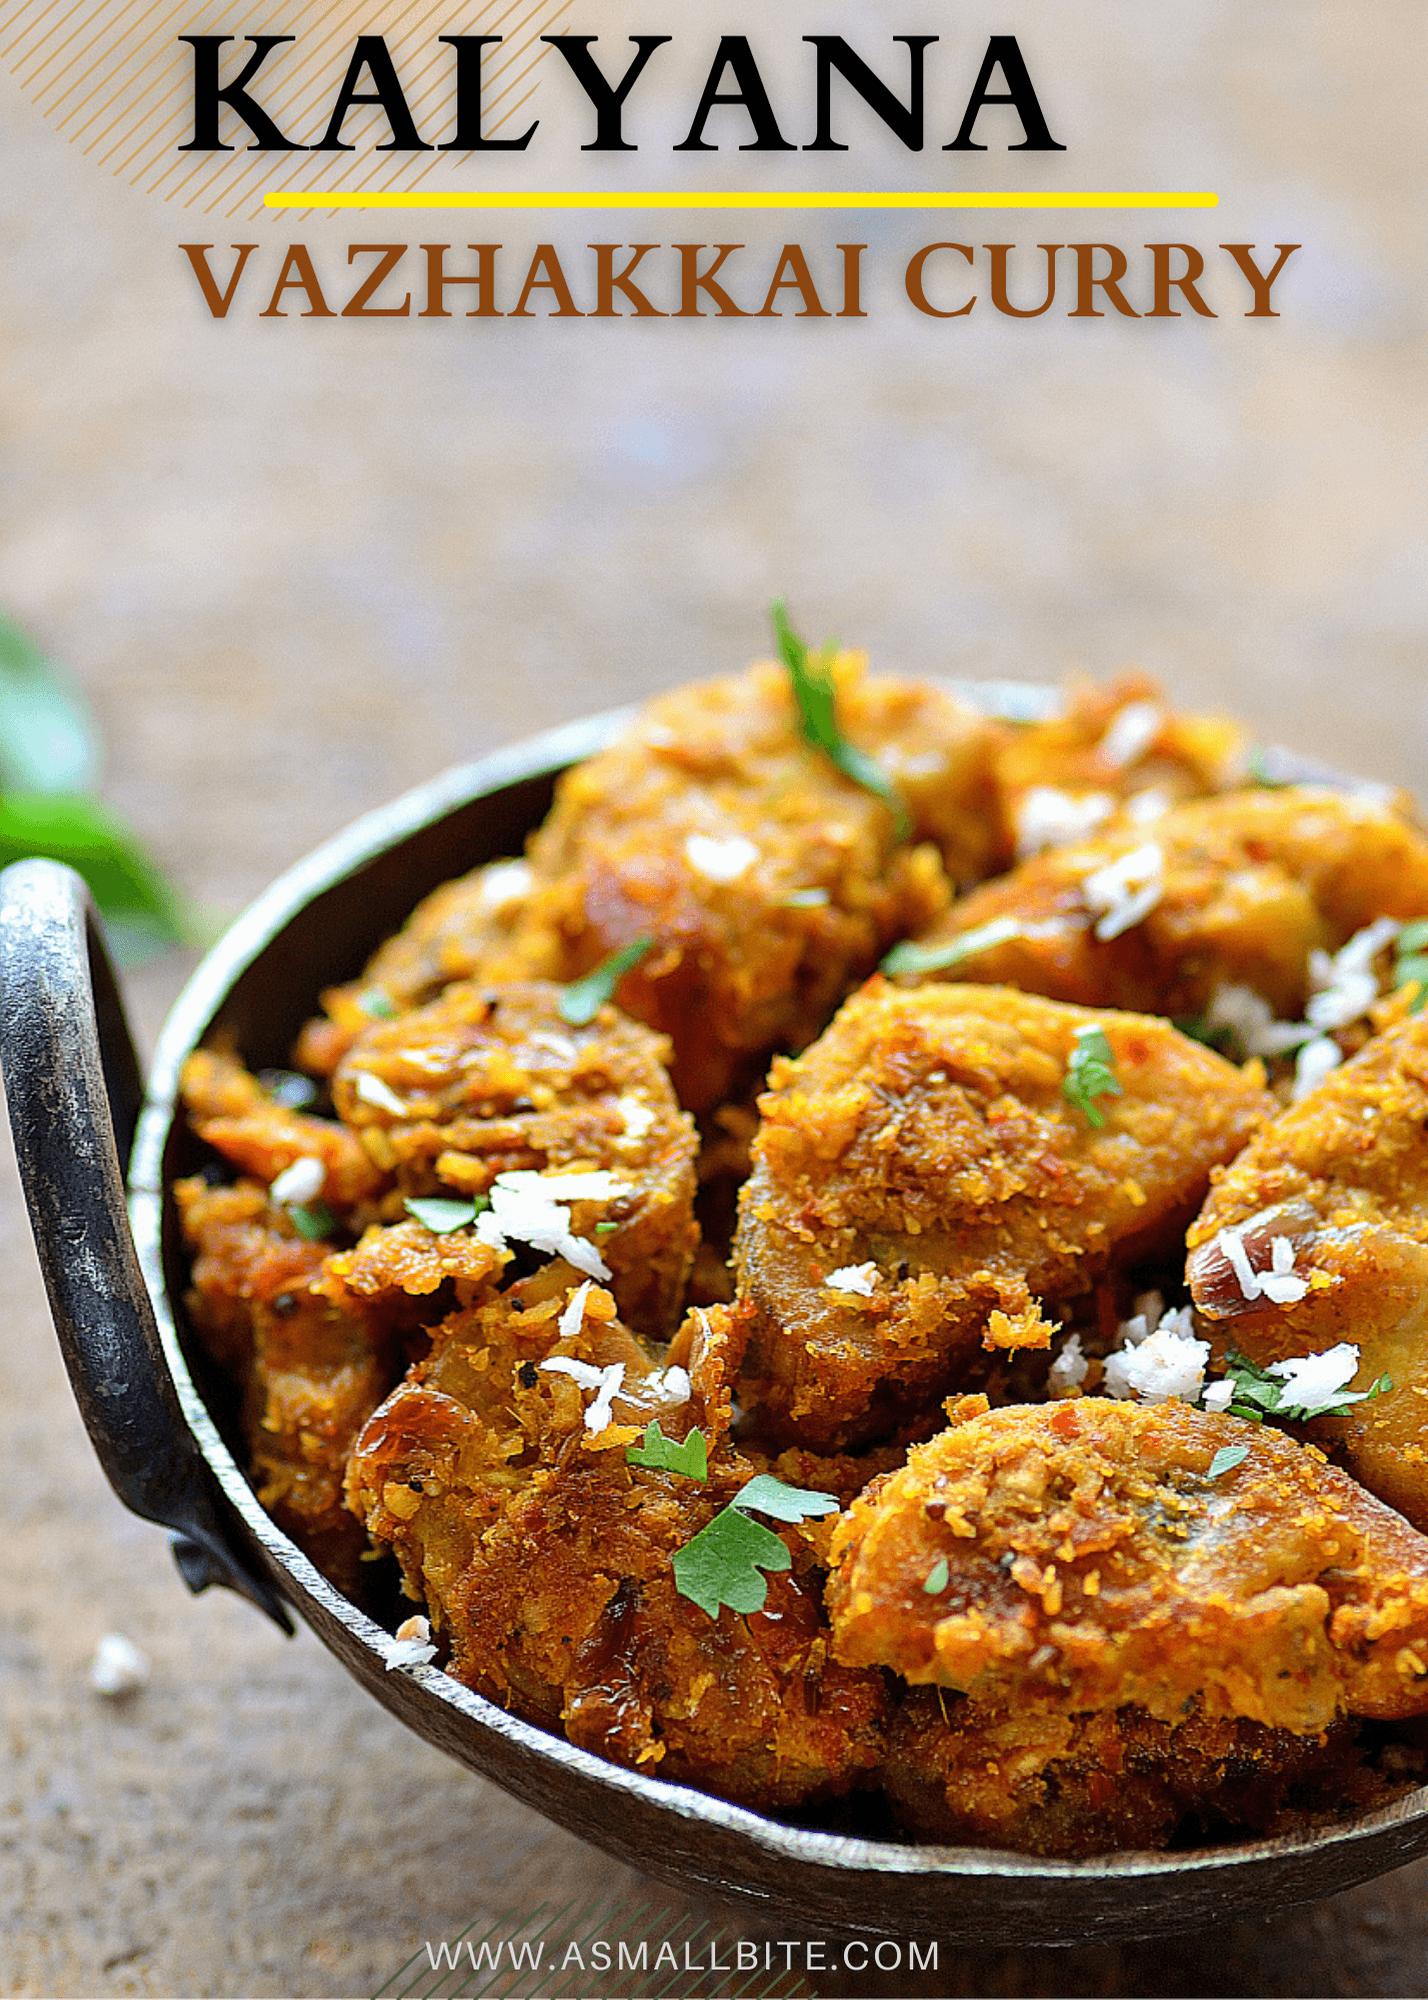 Kalyana Vazhakkai Curry